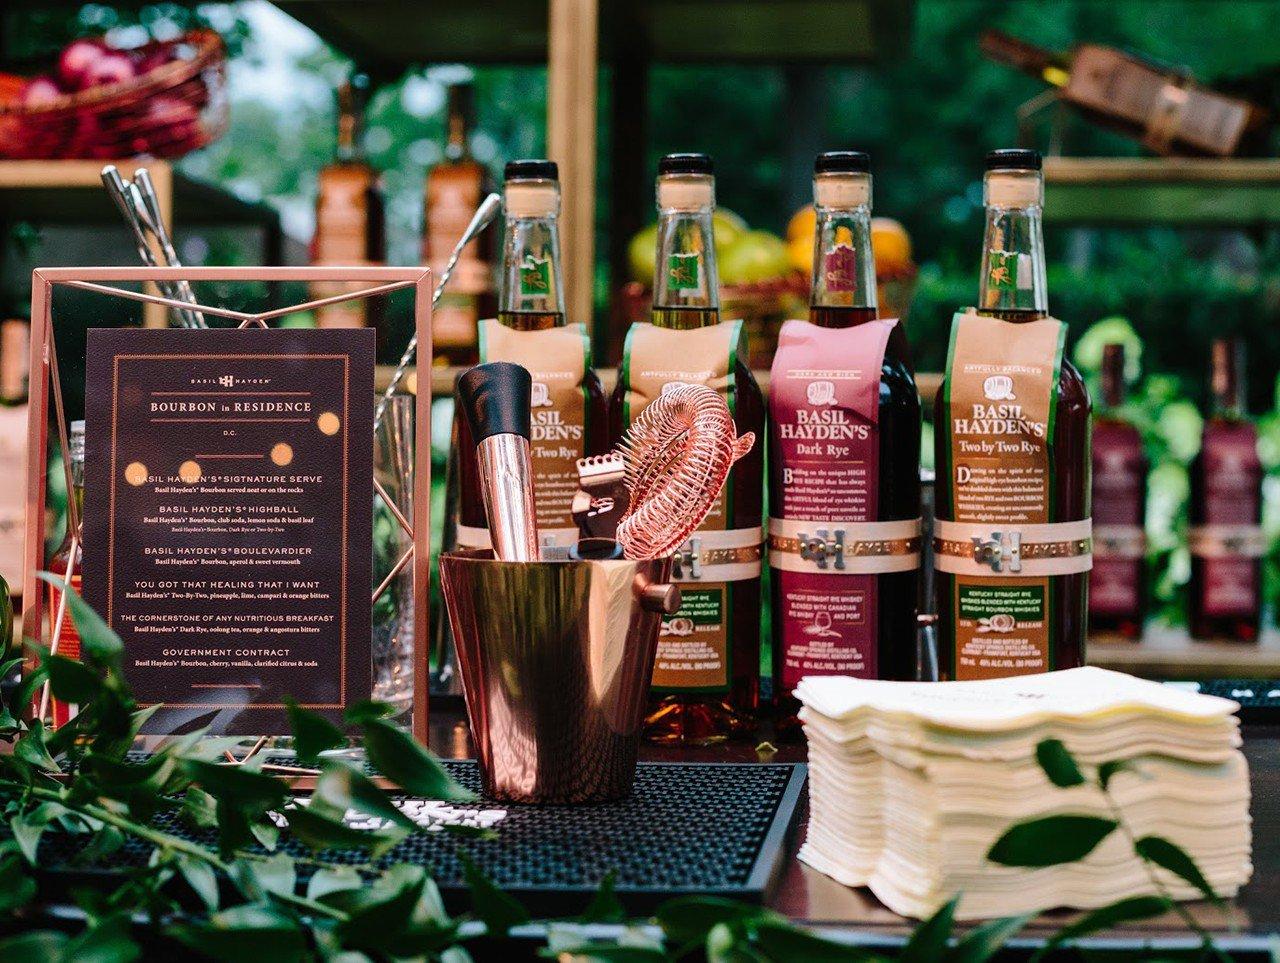 Basil Hayden's Bourbon in Residence photo Bourbon in Residence 3.jpg